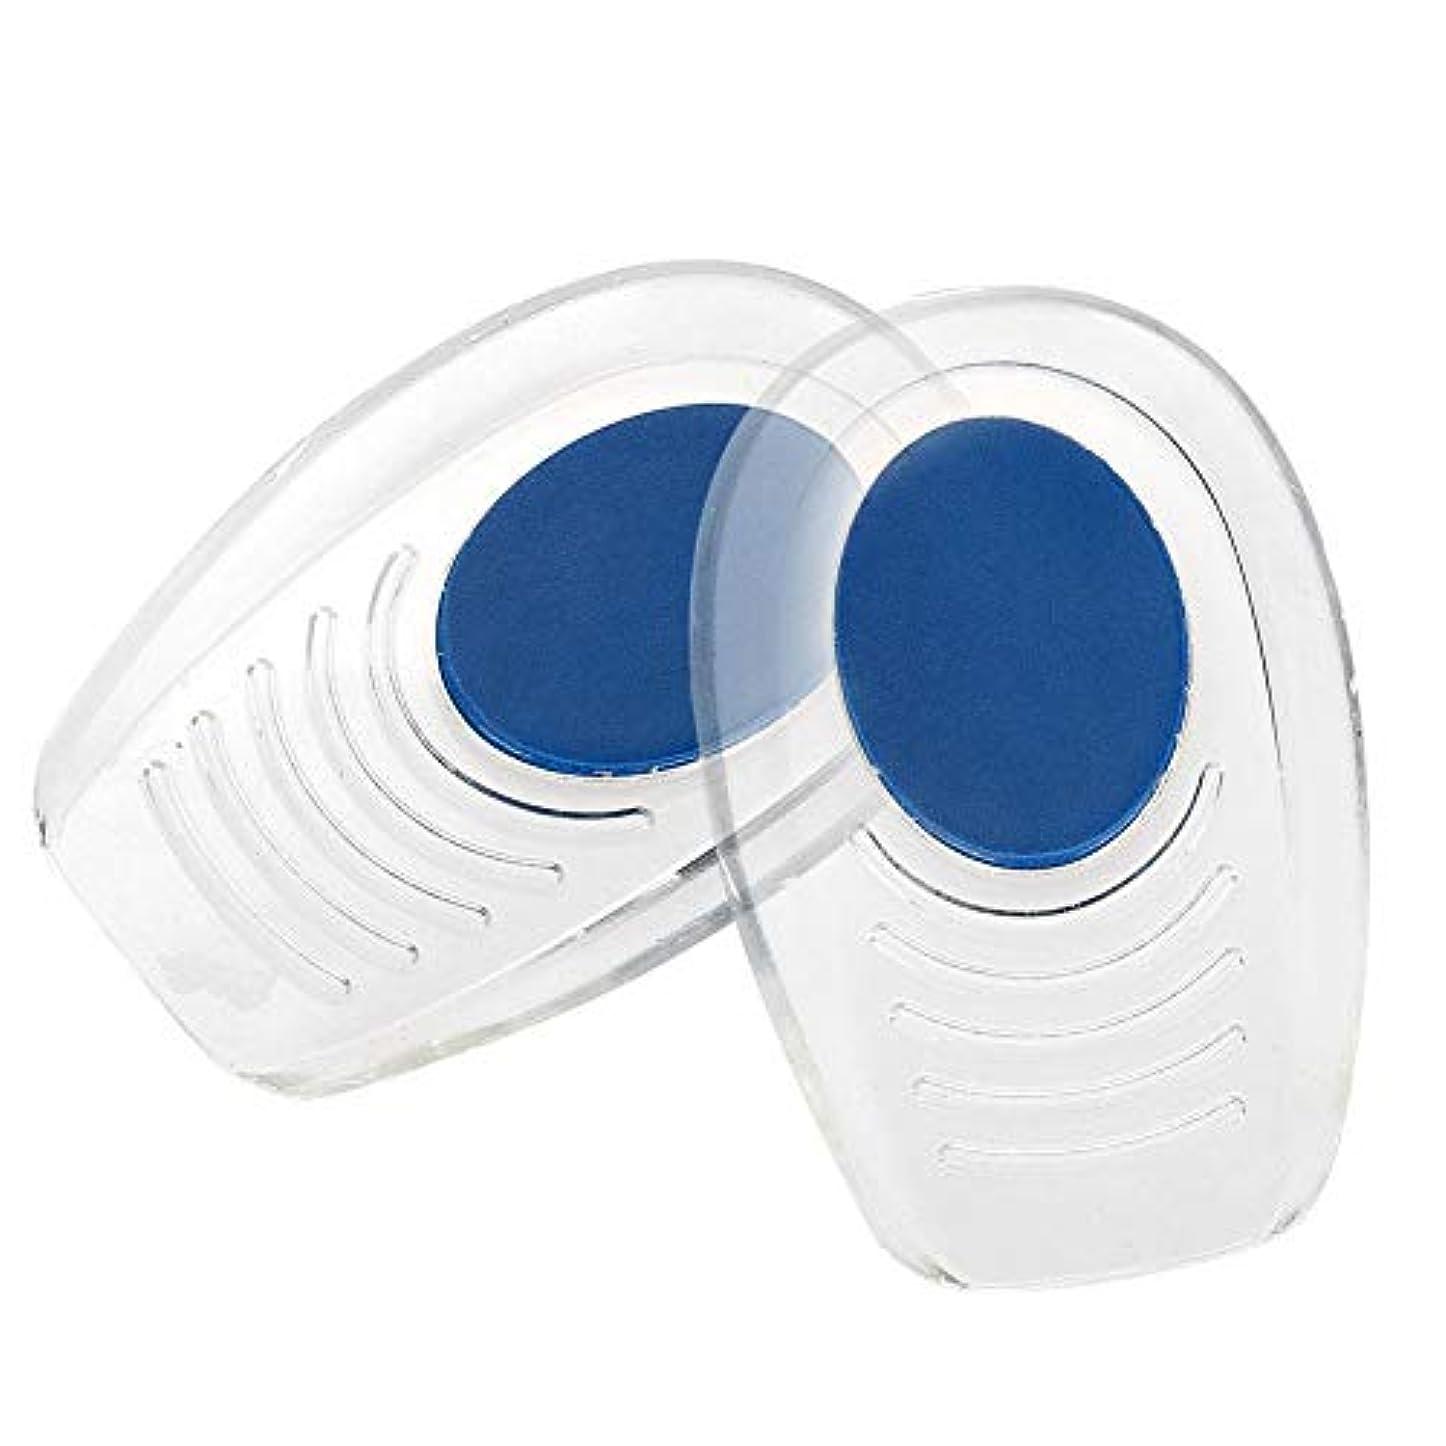 力学ハウジング強風ソフトインソール かかと痛みパッド   シリコーン衝撃吸収ヒールパッド (滑り止めテクスチャー付) ブルー パッドフットケアツール (S(7*10.5CM))